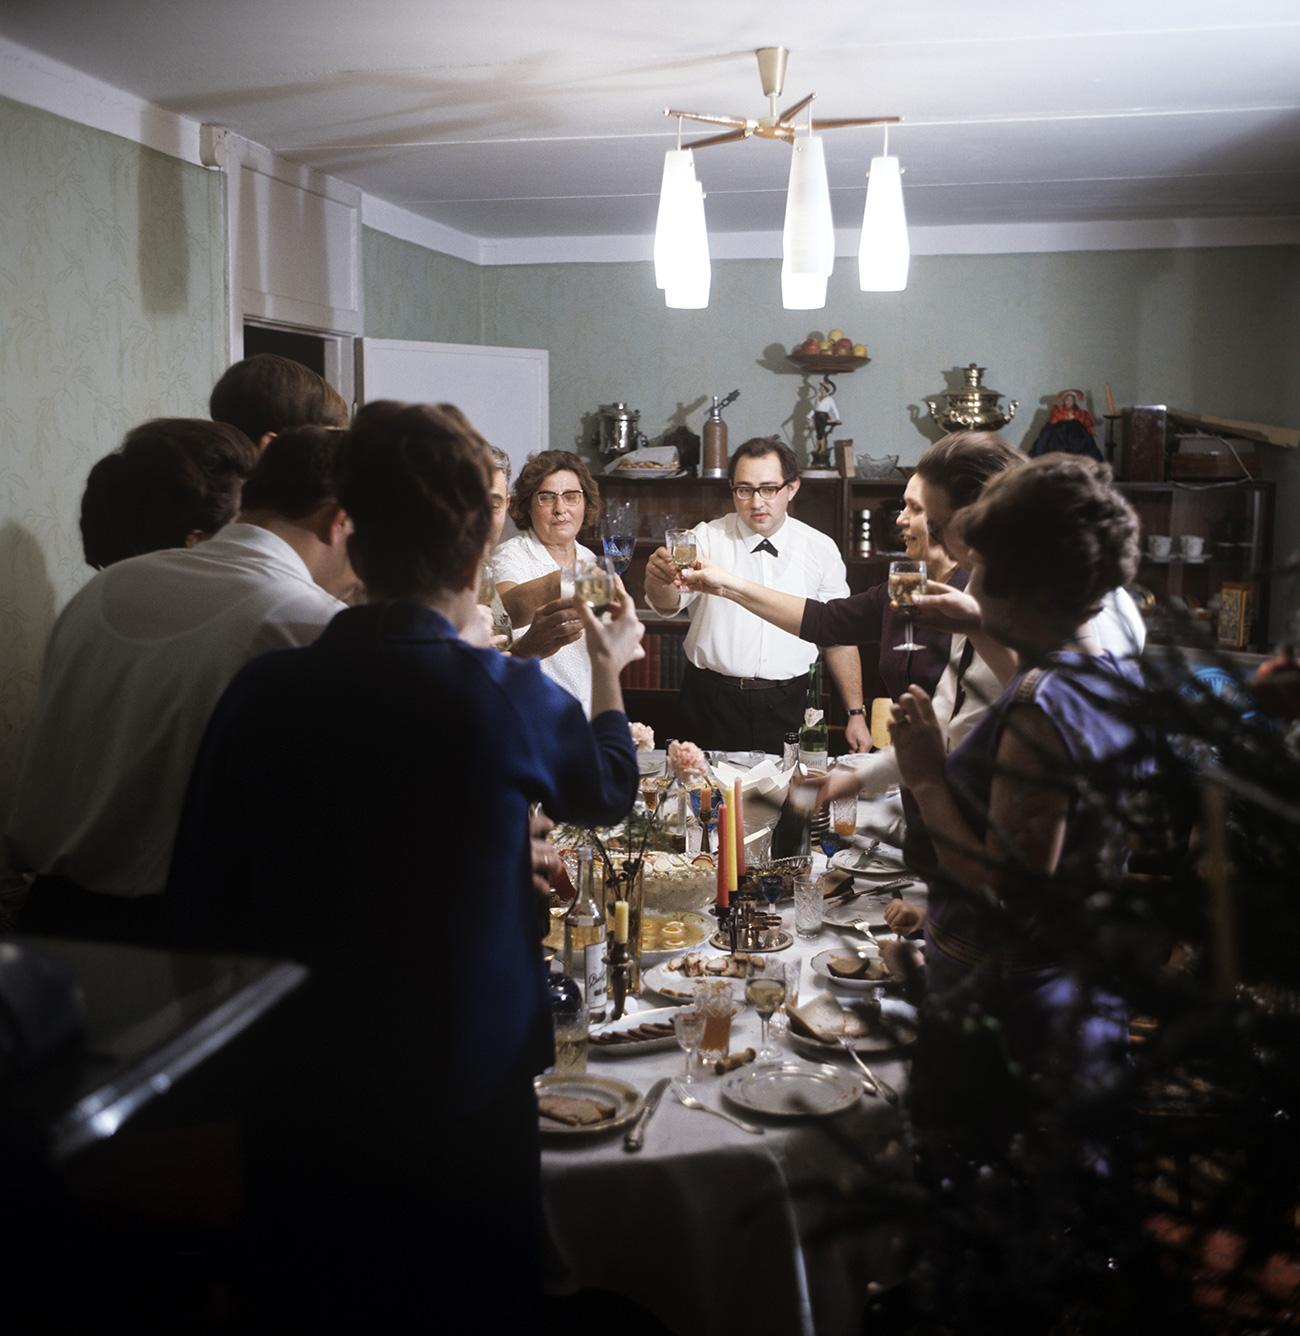 Orang-orang Rusia menyukai pesta besar berjam-jam dengan teman dan sanak saudara. Sumber: Boris Kavashkin/RIA Novosti